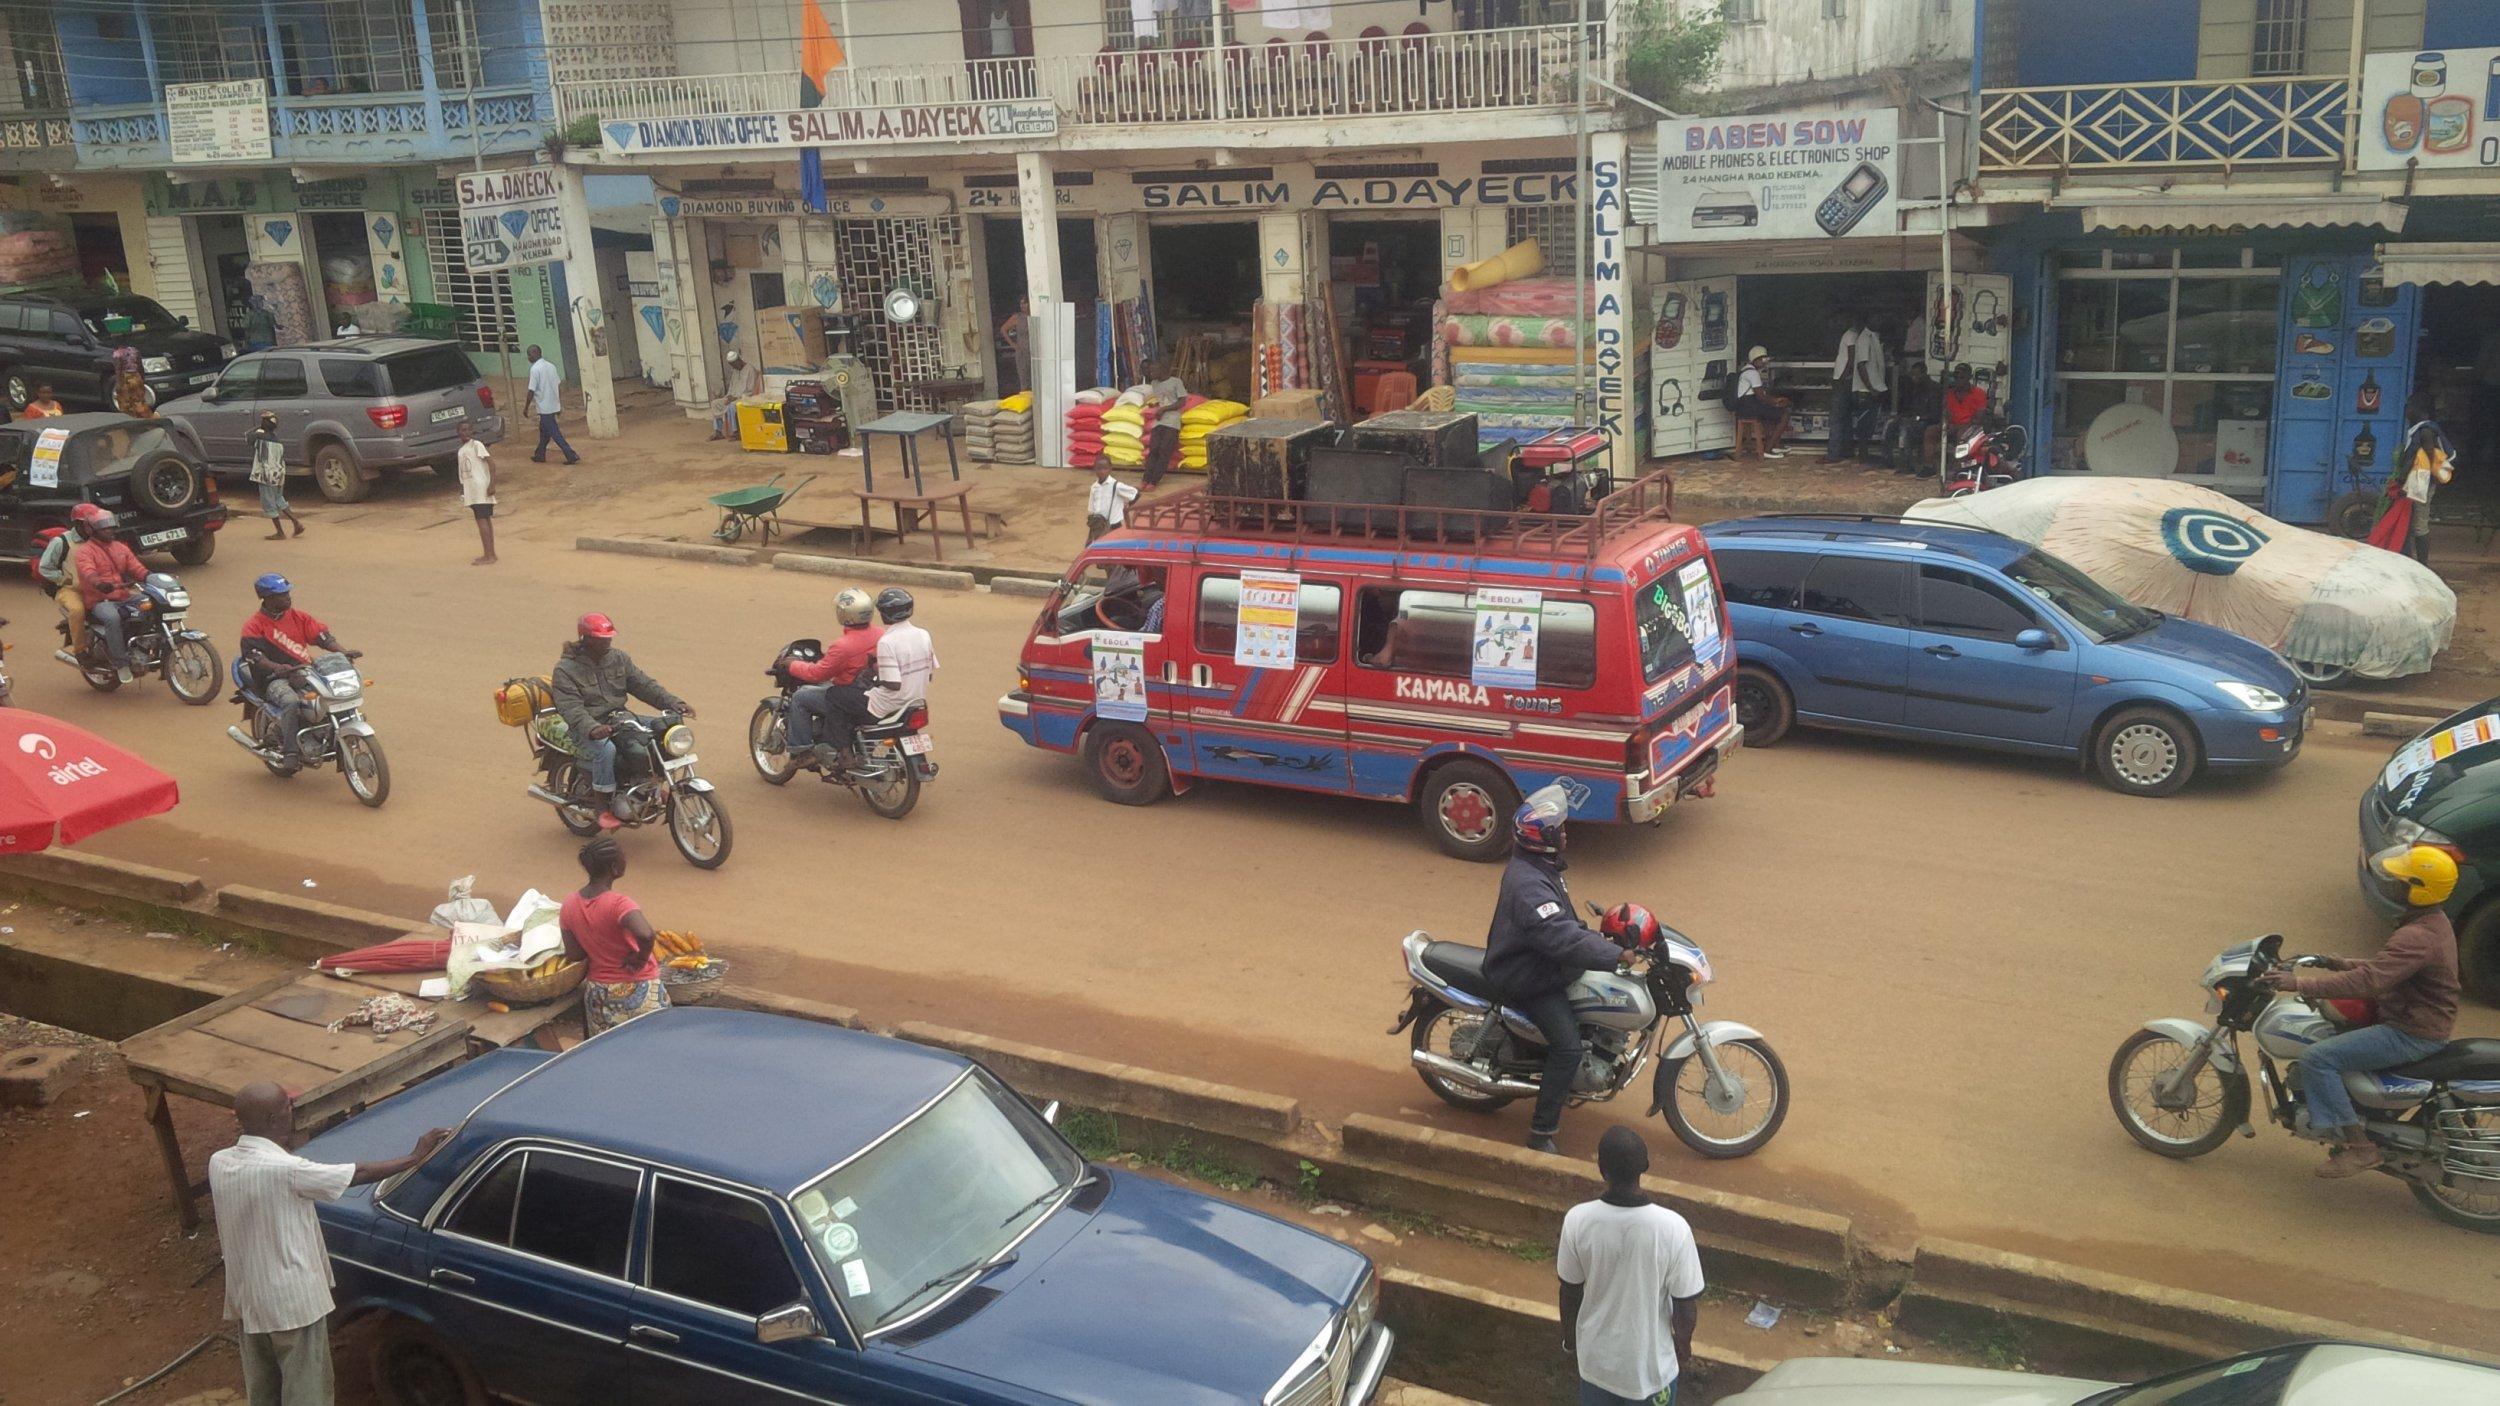 Ebola Sensitization vehicle